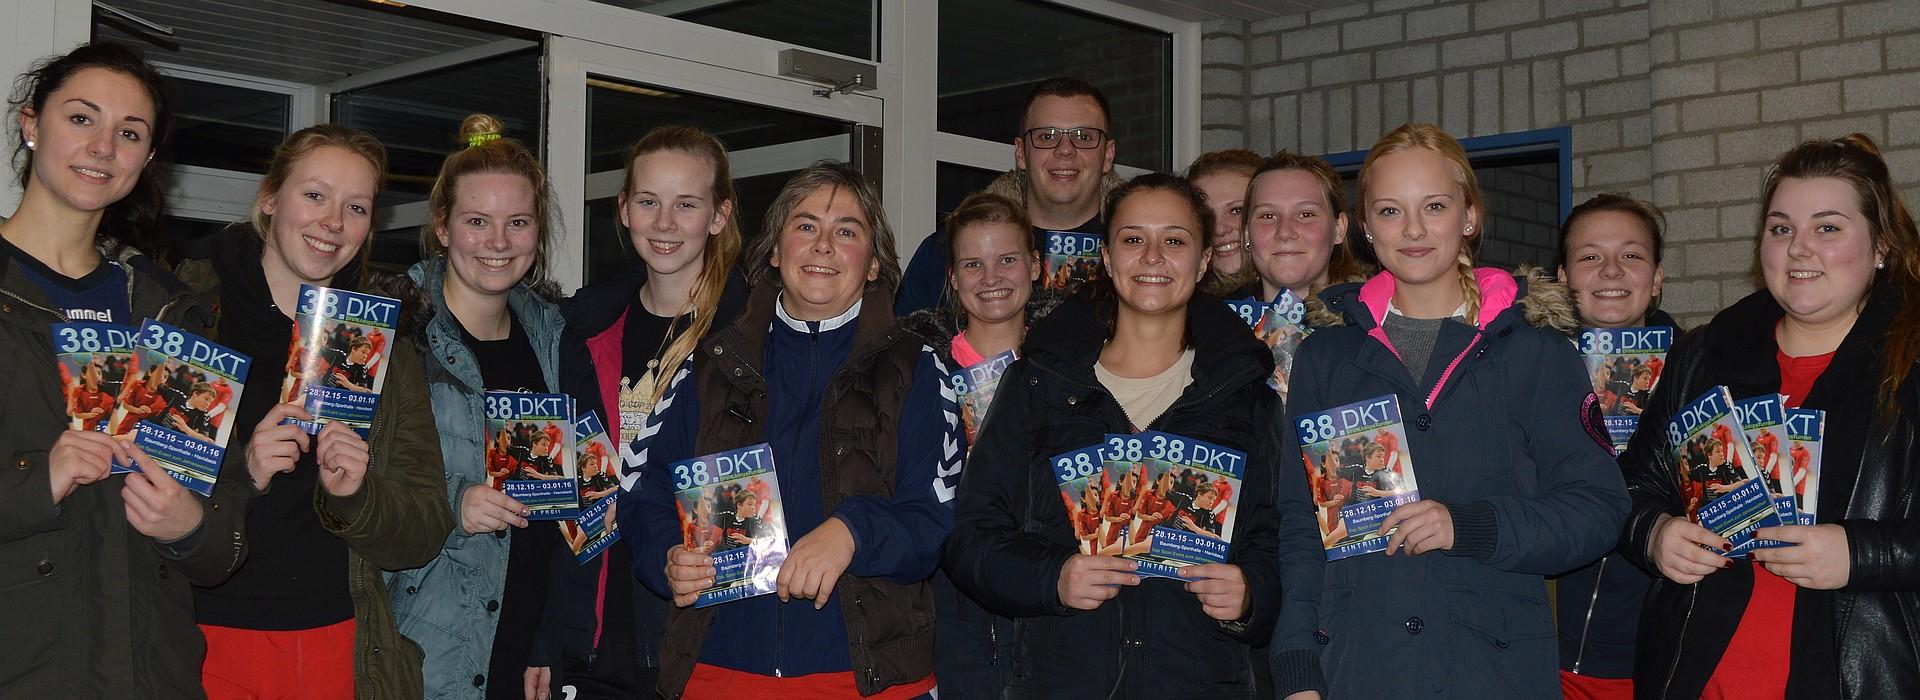 Handballerinnen verteilten DKT-Hefte – Handball Havixbeck